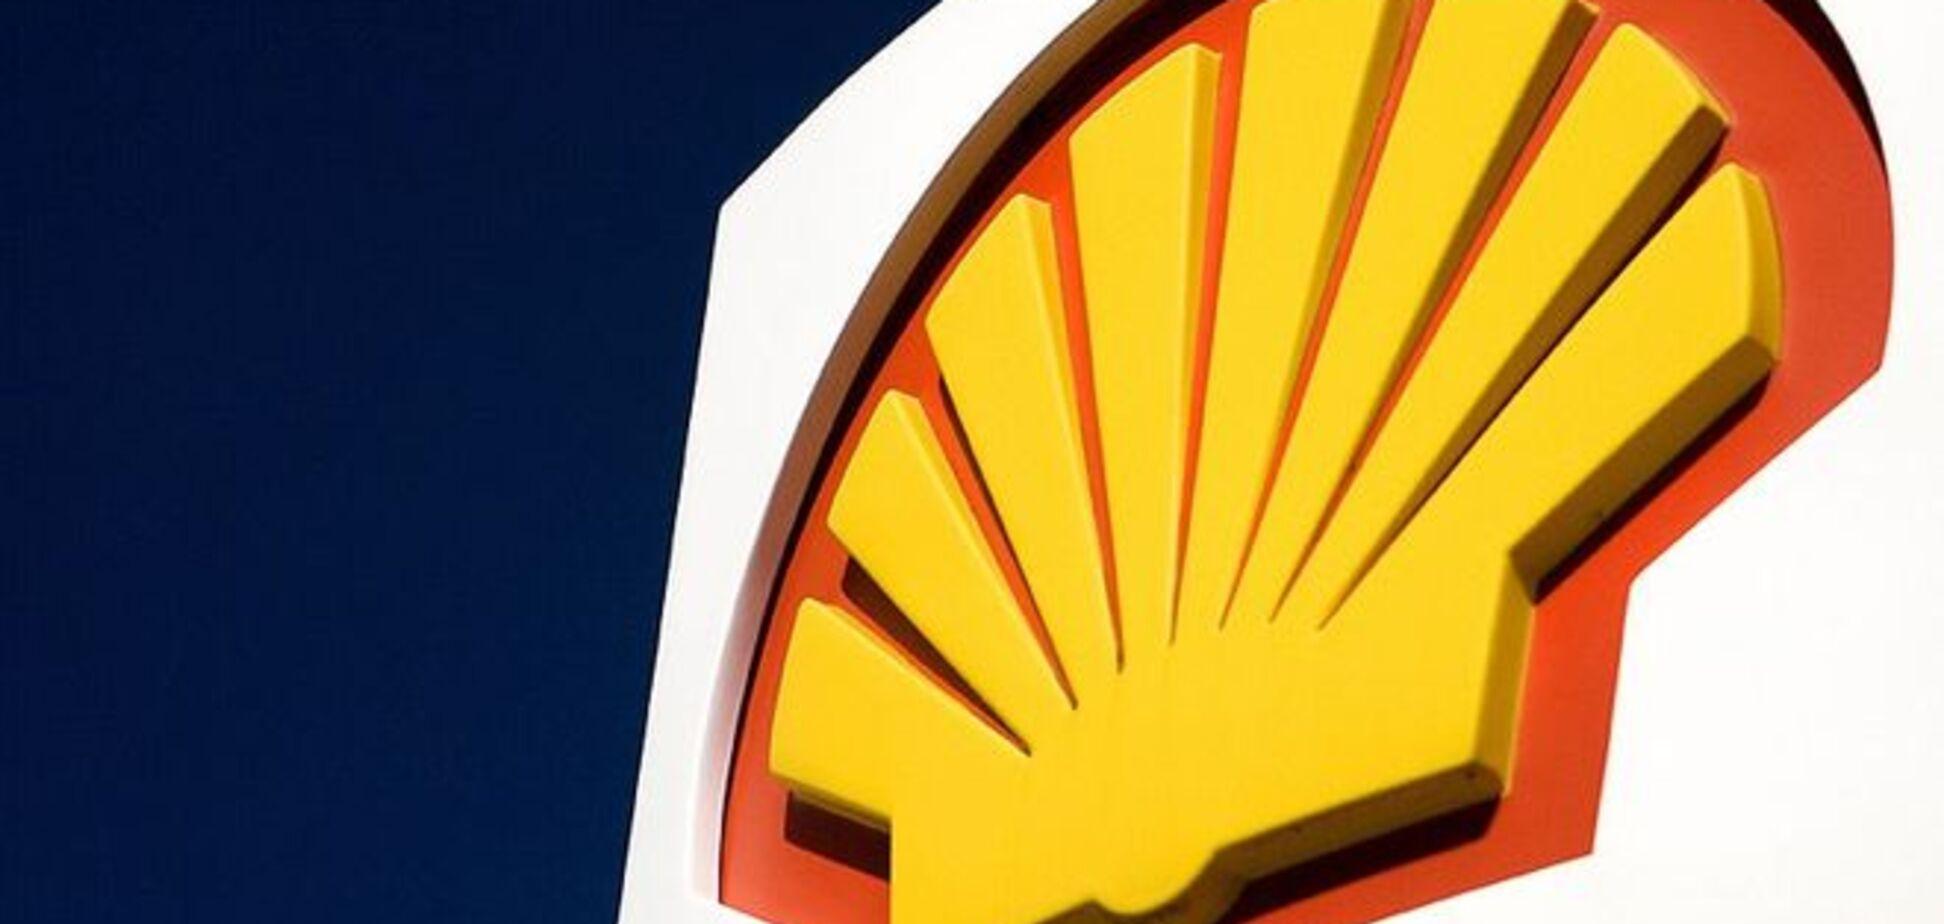 Война как форс-мажор: в Shell подумывают отказаться от добычи сланца в Украине